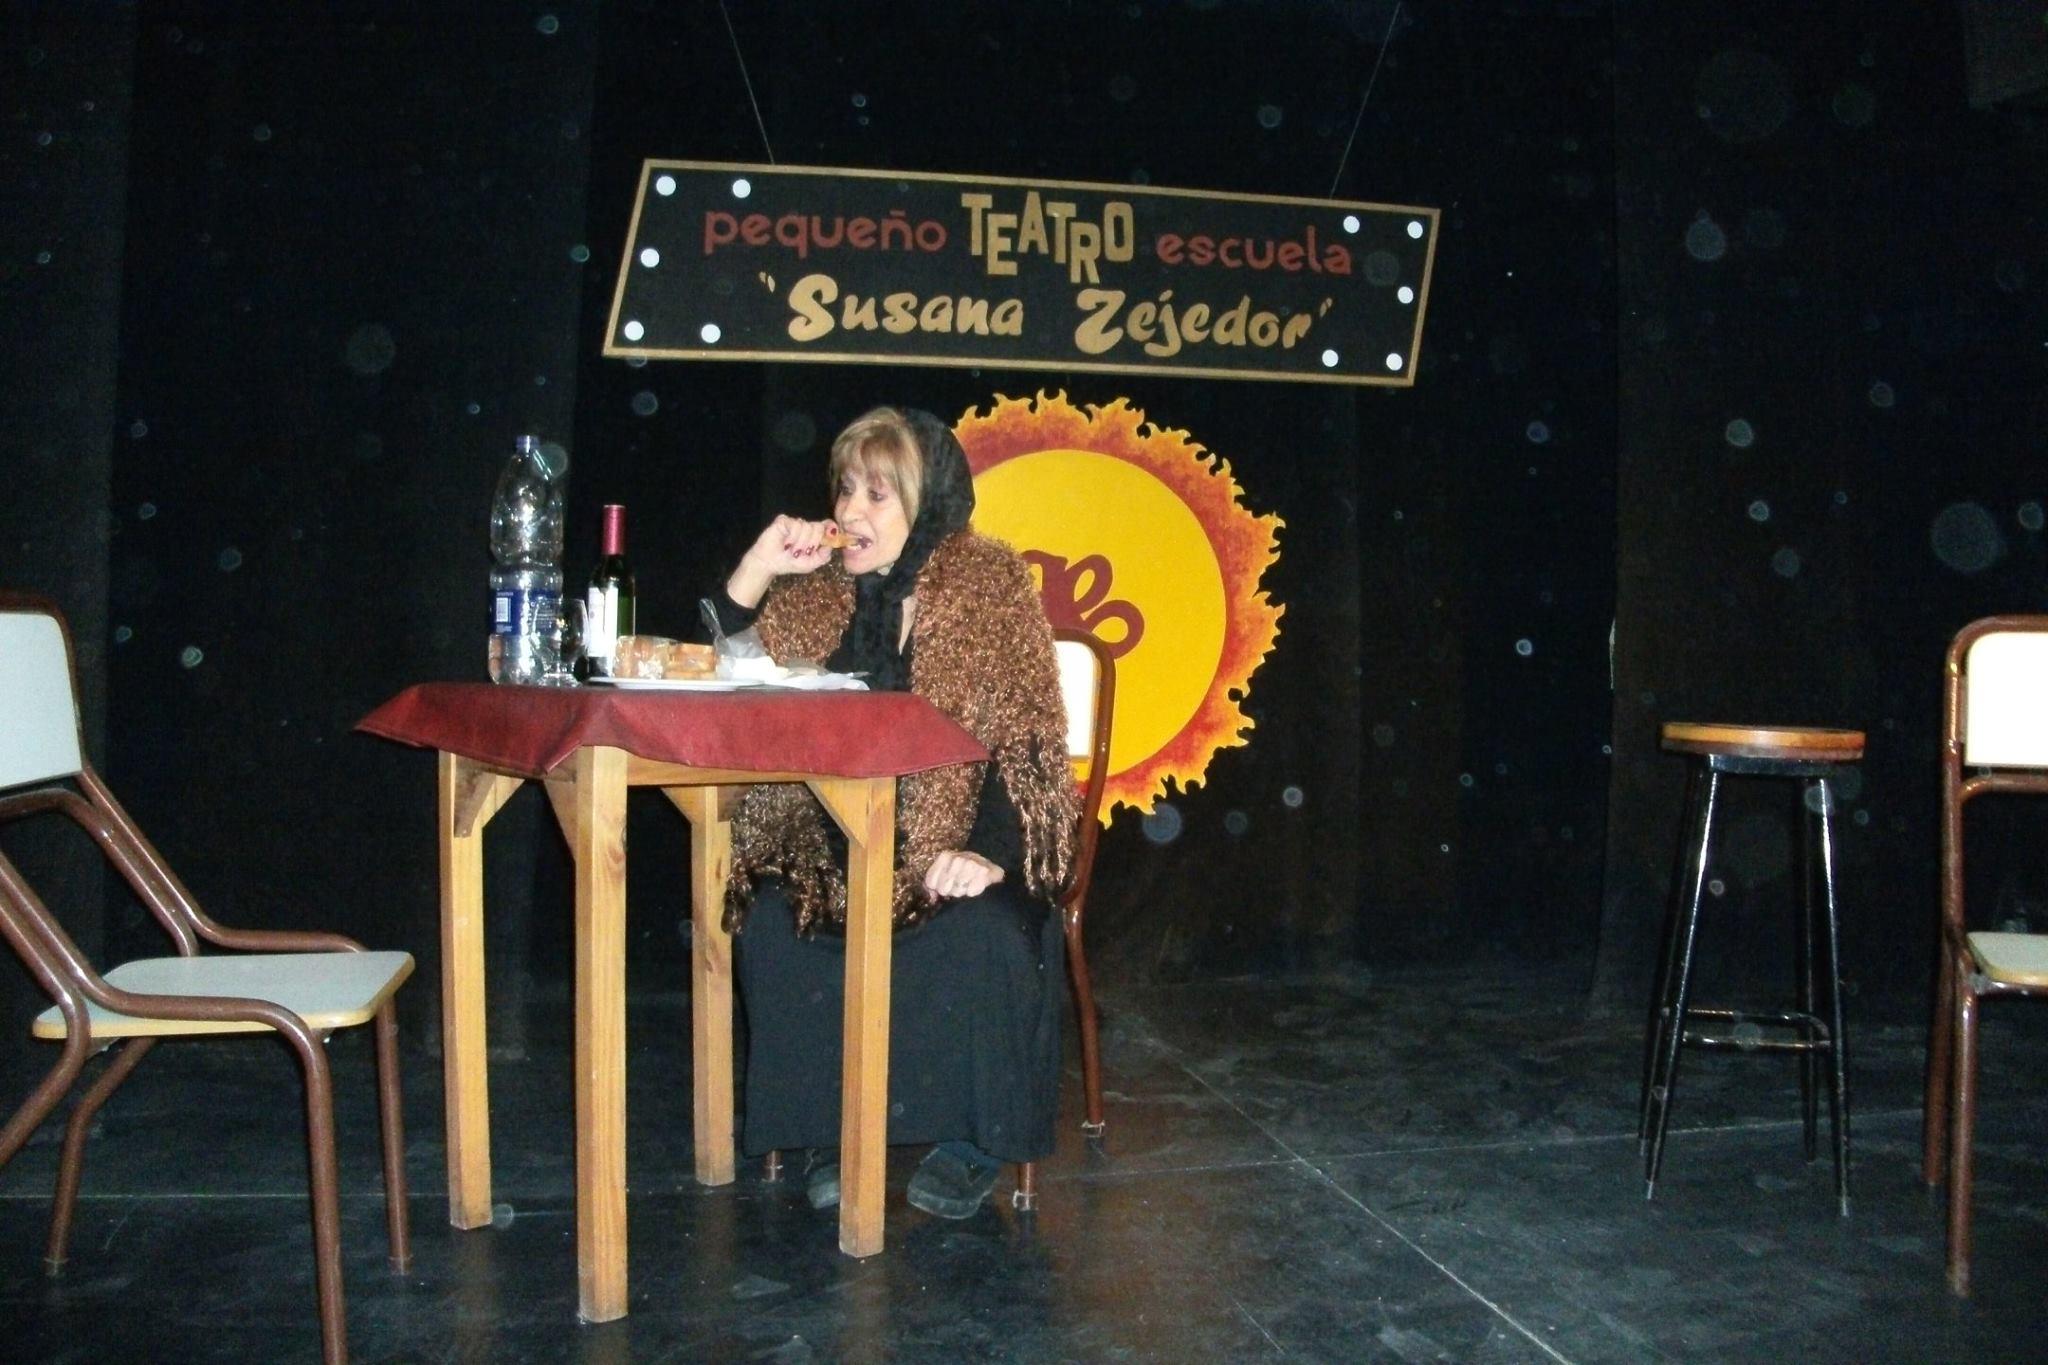 - Industria Cultural Barracas al Sur / Teatro Escuela Susana Tejedor